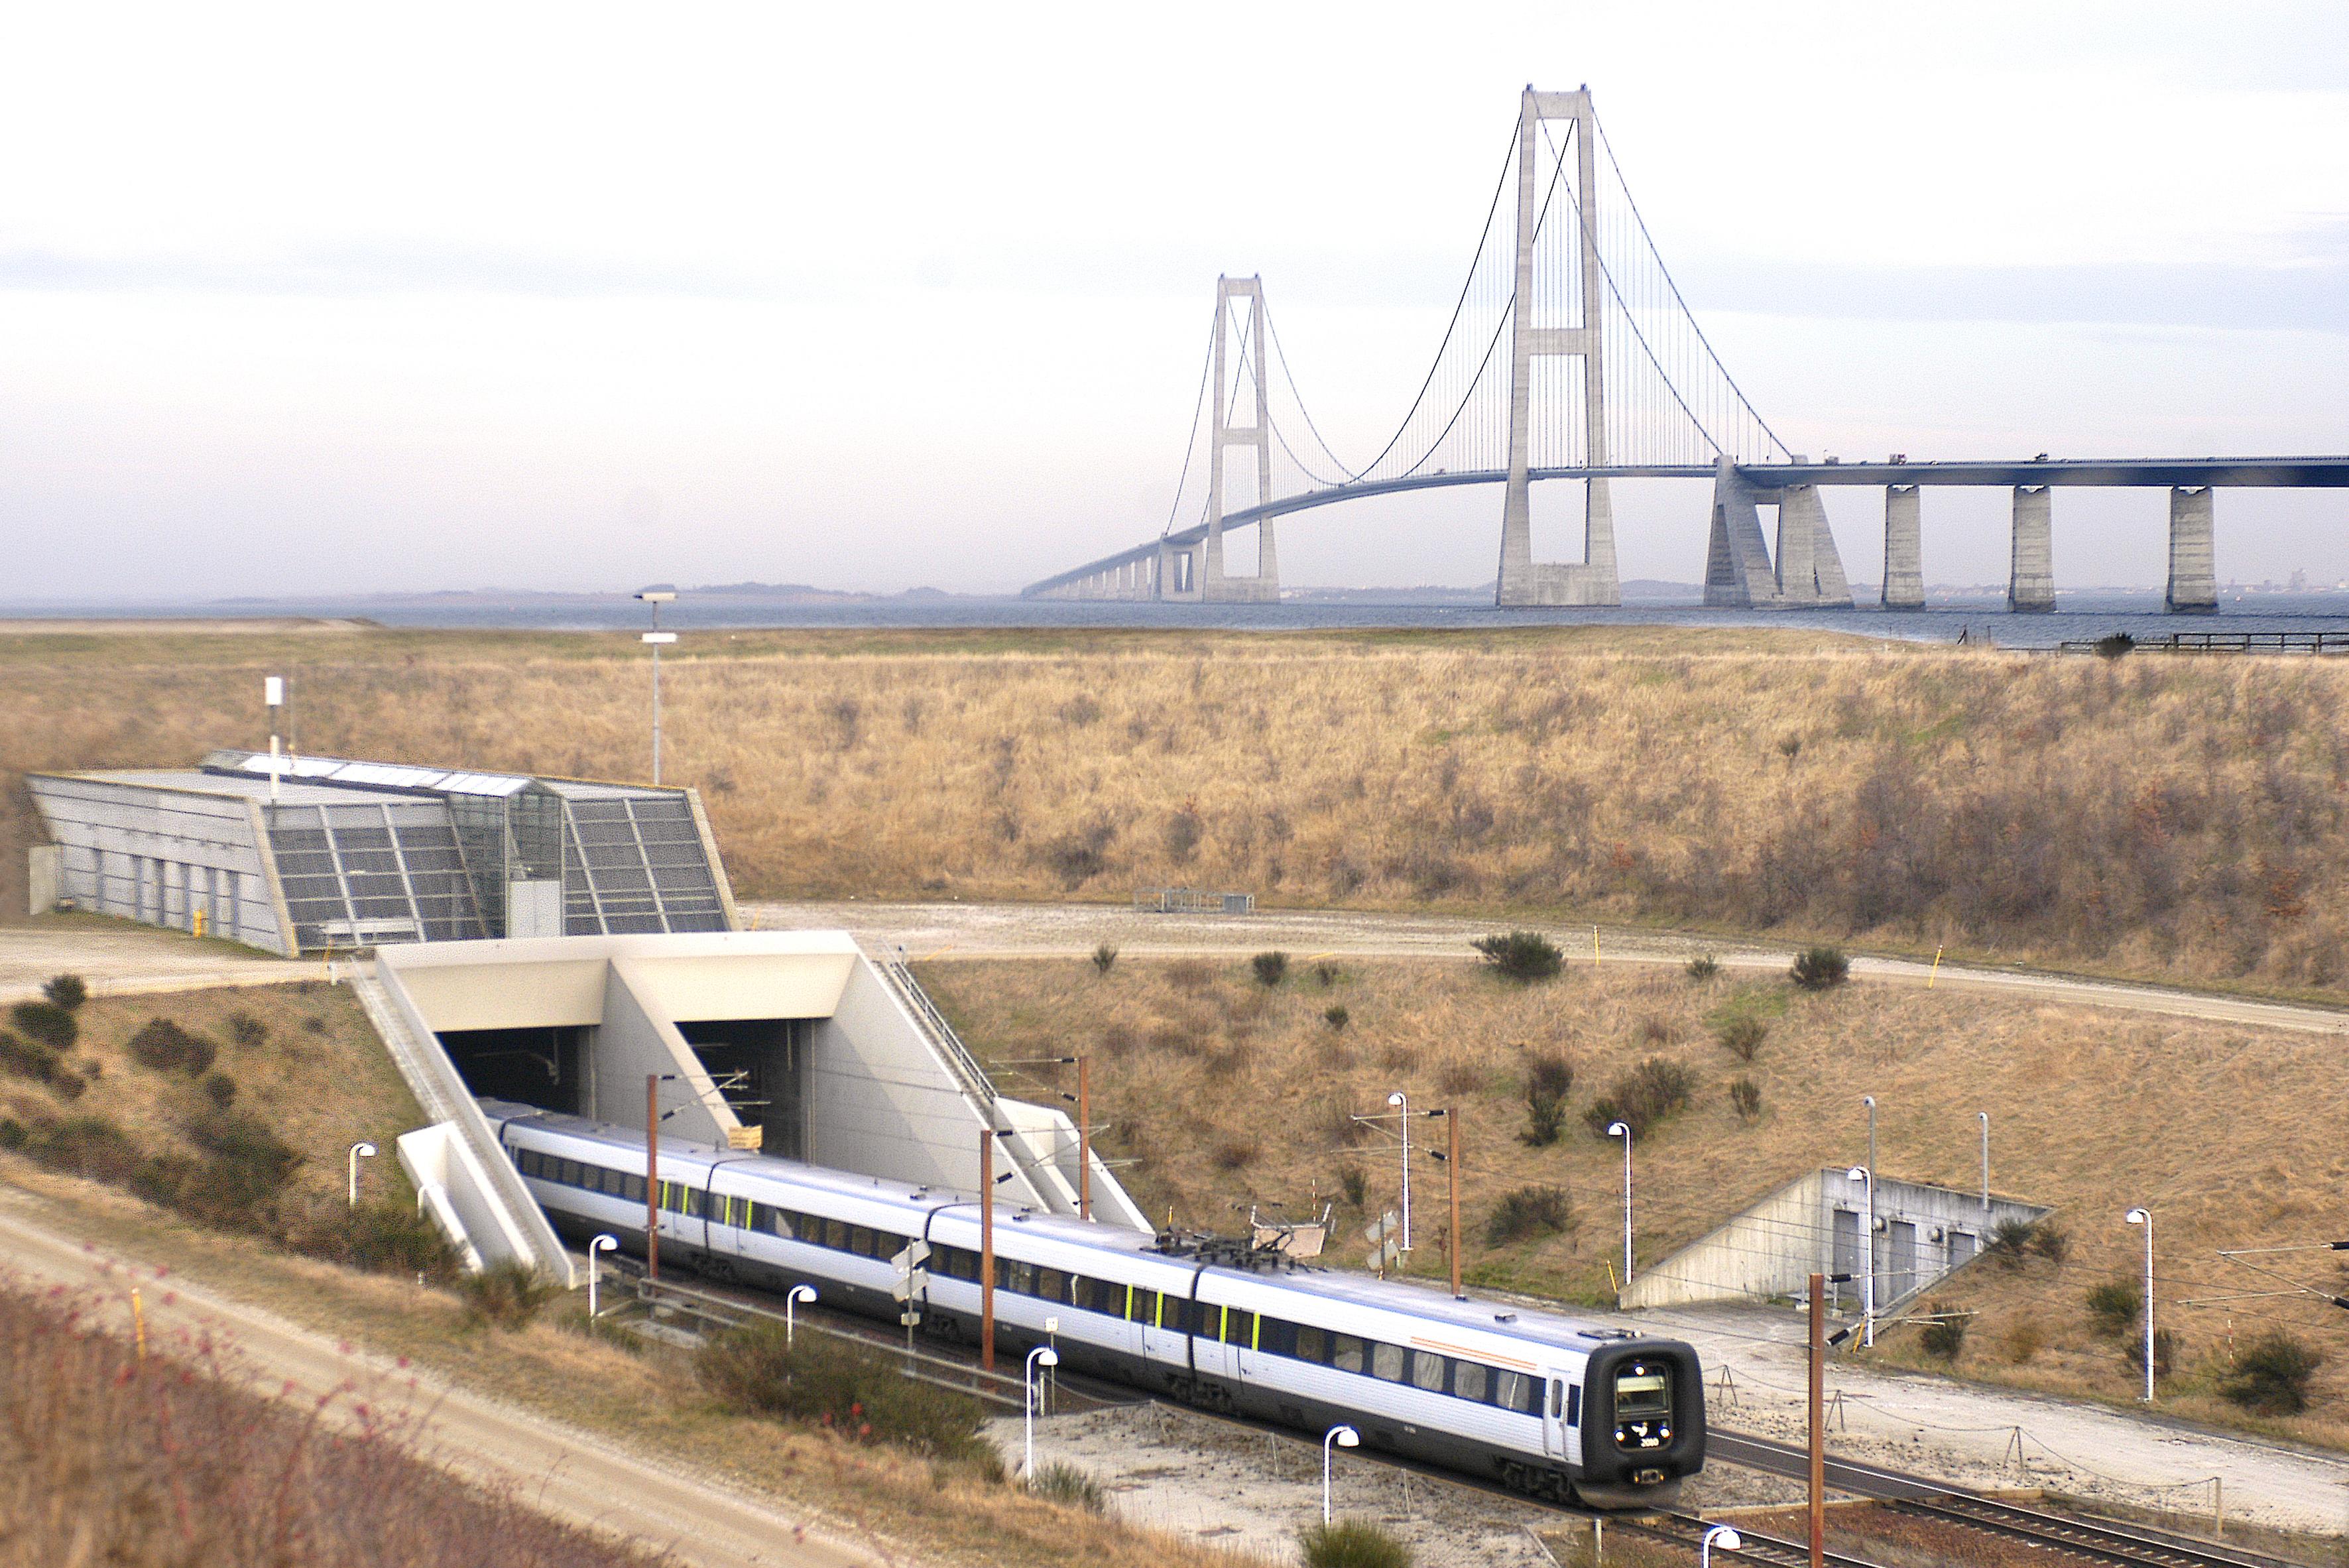 DSB og chefen for det tyske turistråd i Danmark har ikke samme opfattelse af, hvor godt DSB klarer at få transporteret passagerer mellem Danmark og Tyskland. Her er et DSB-tog ved Storebæltsforbindelsen. Foto for DSB, René Strandbygaard.